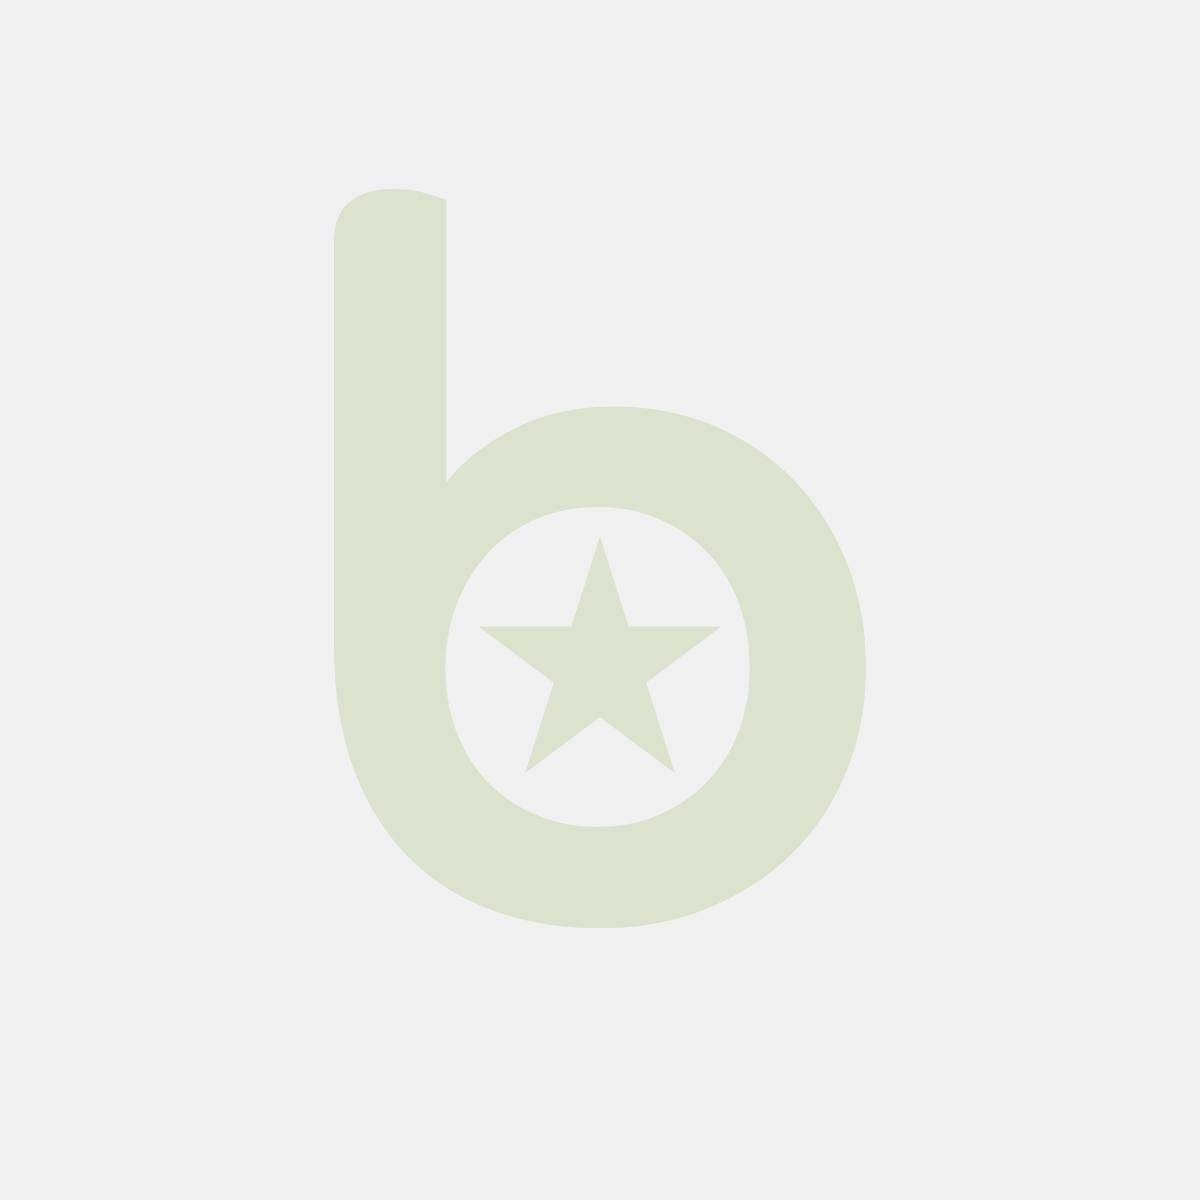 Pojemnik obiadowy do zgrzewu K 227/2, dwudzielny, czarny niski, 227x178x30, cena za opakowanie 50szt